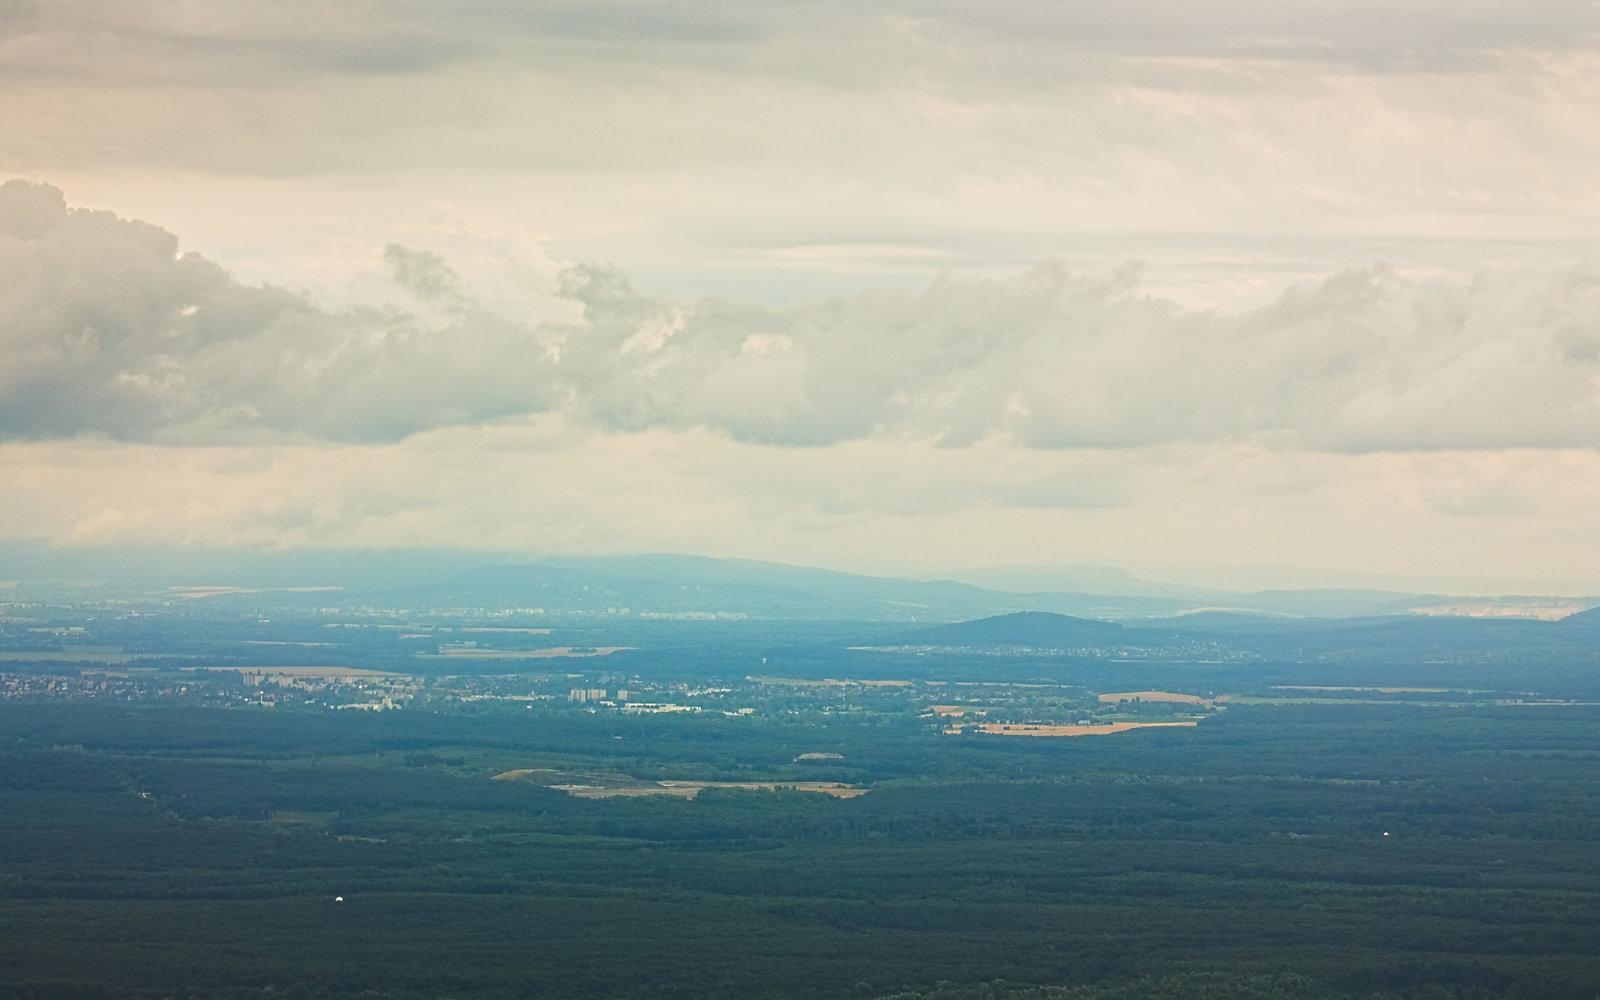 Az már a Balaton északi partvidéke lehet